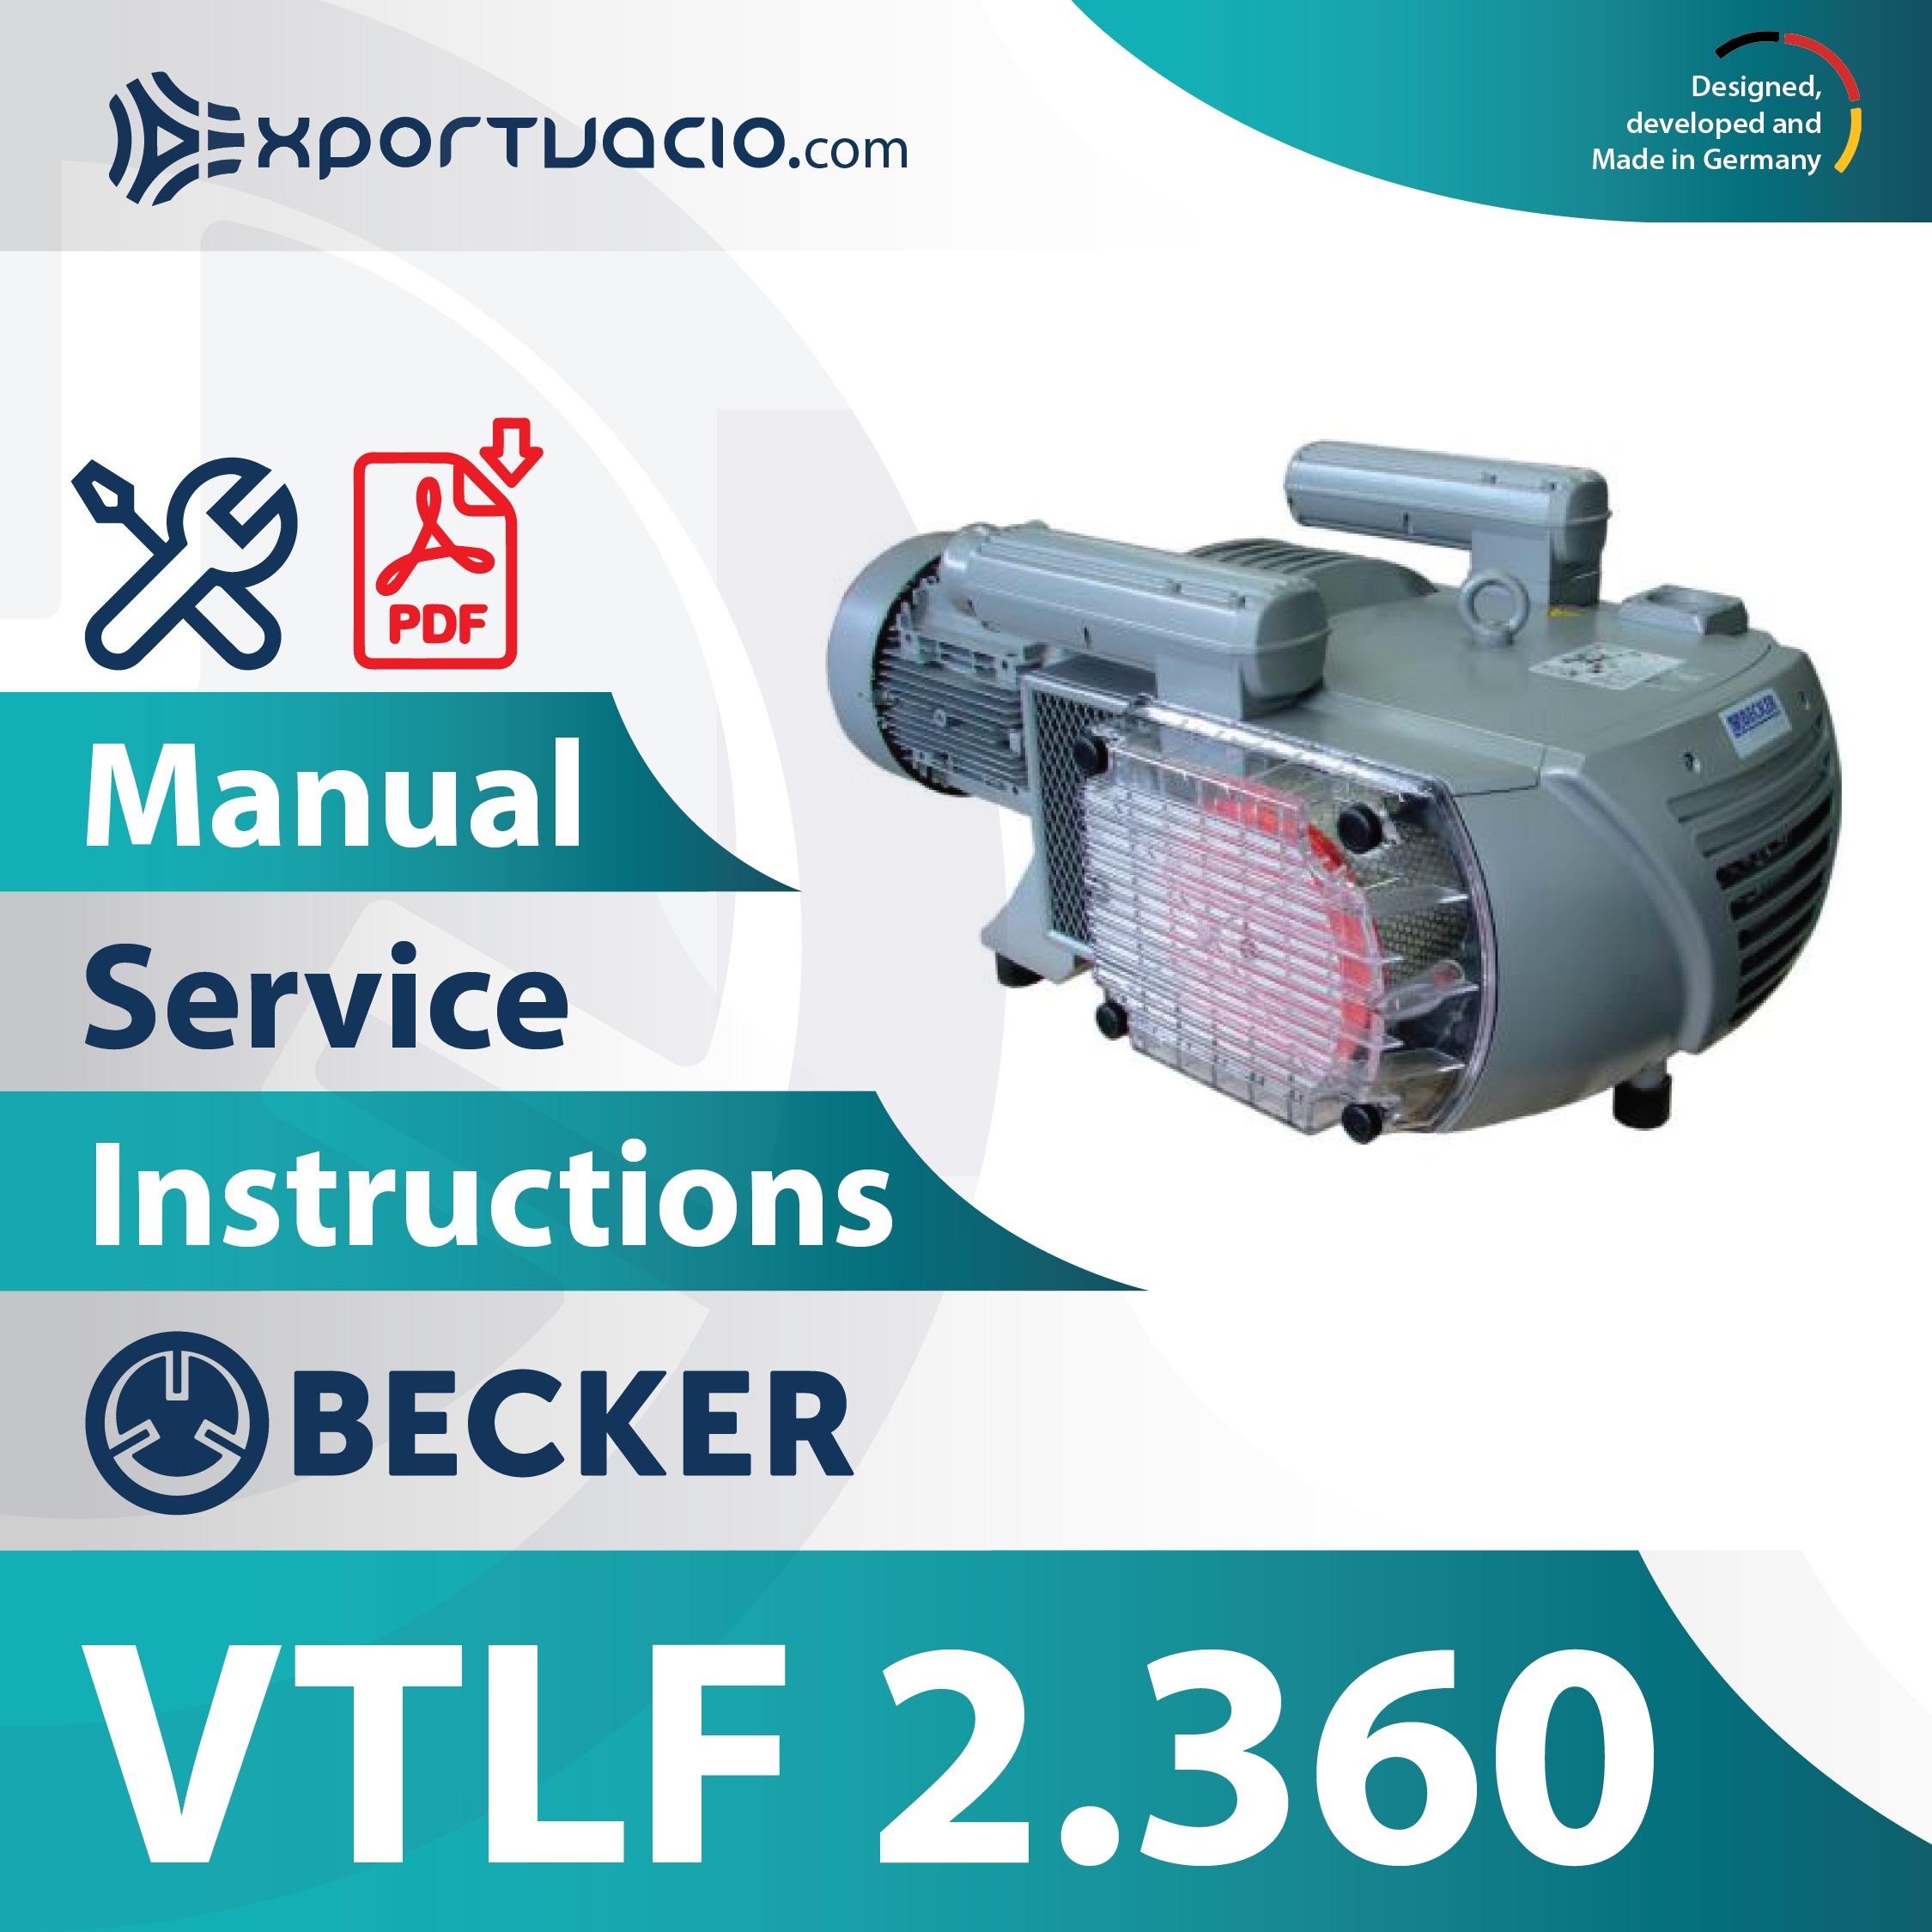 Becker VTLF 2.360